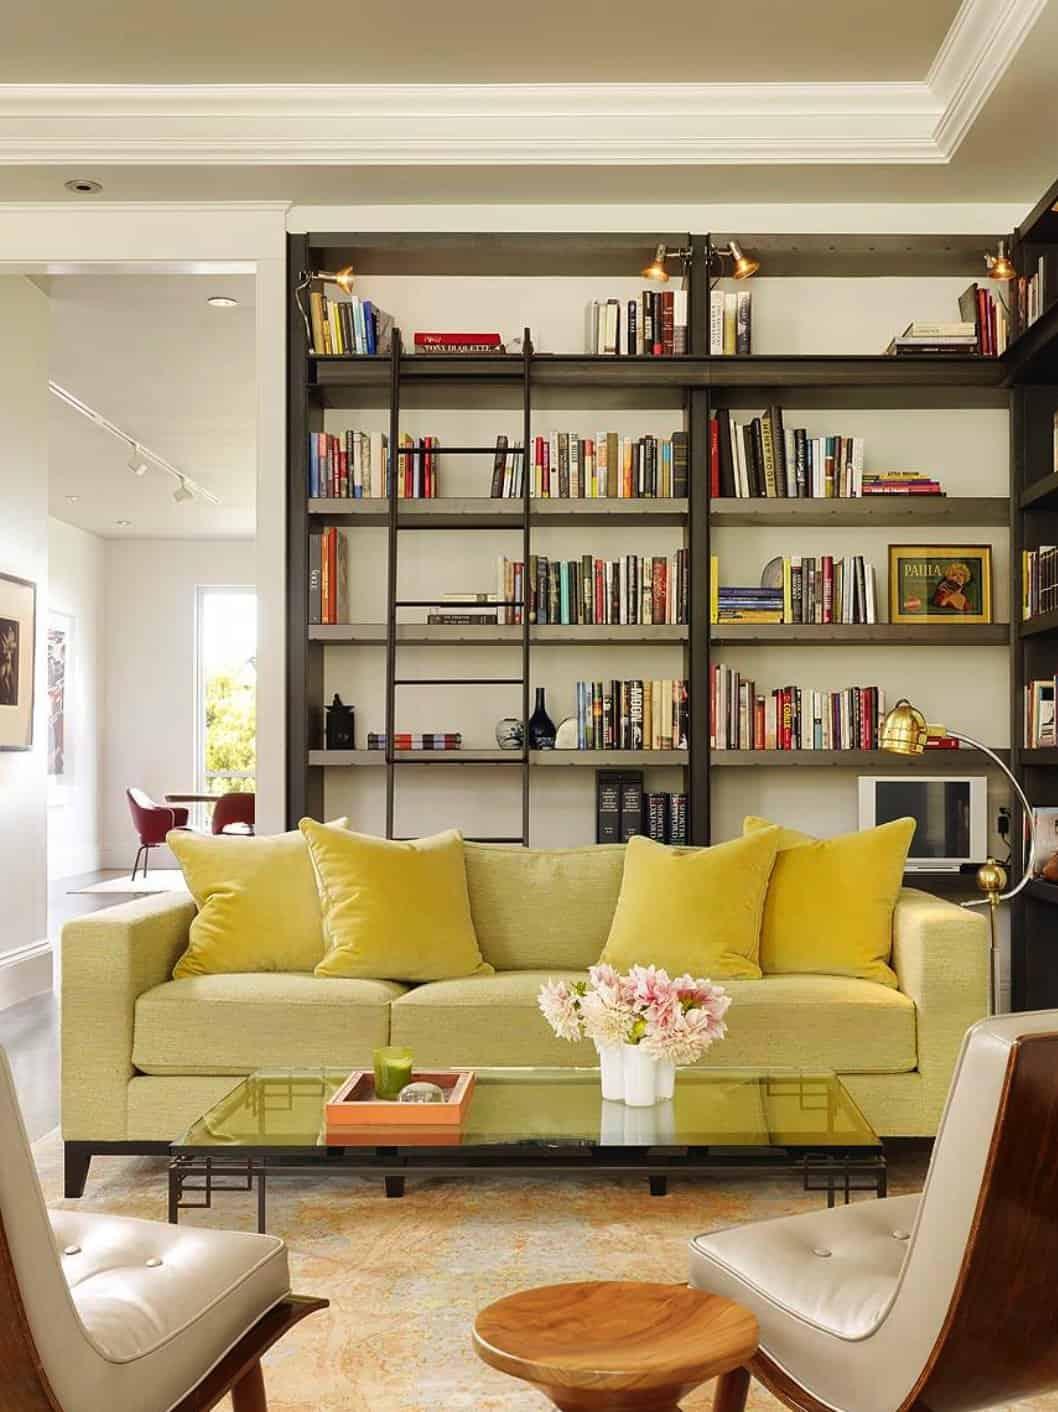 Maison Moderne-Redmond Aldrich Design-02-1 Kindesign